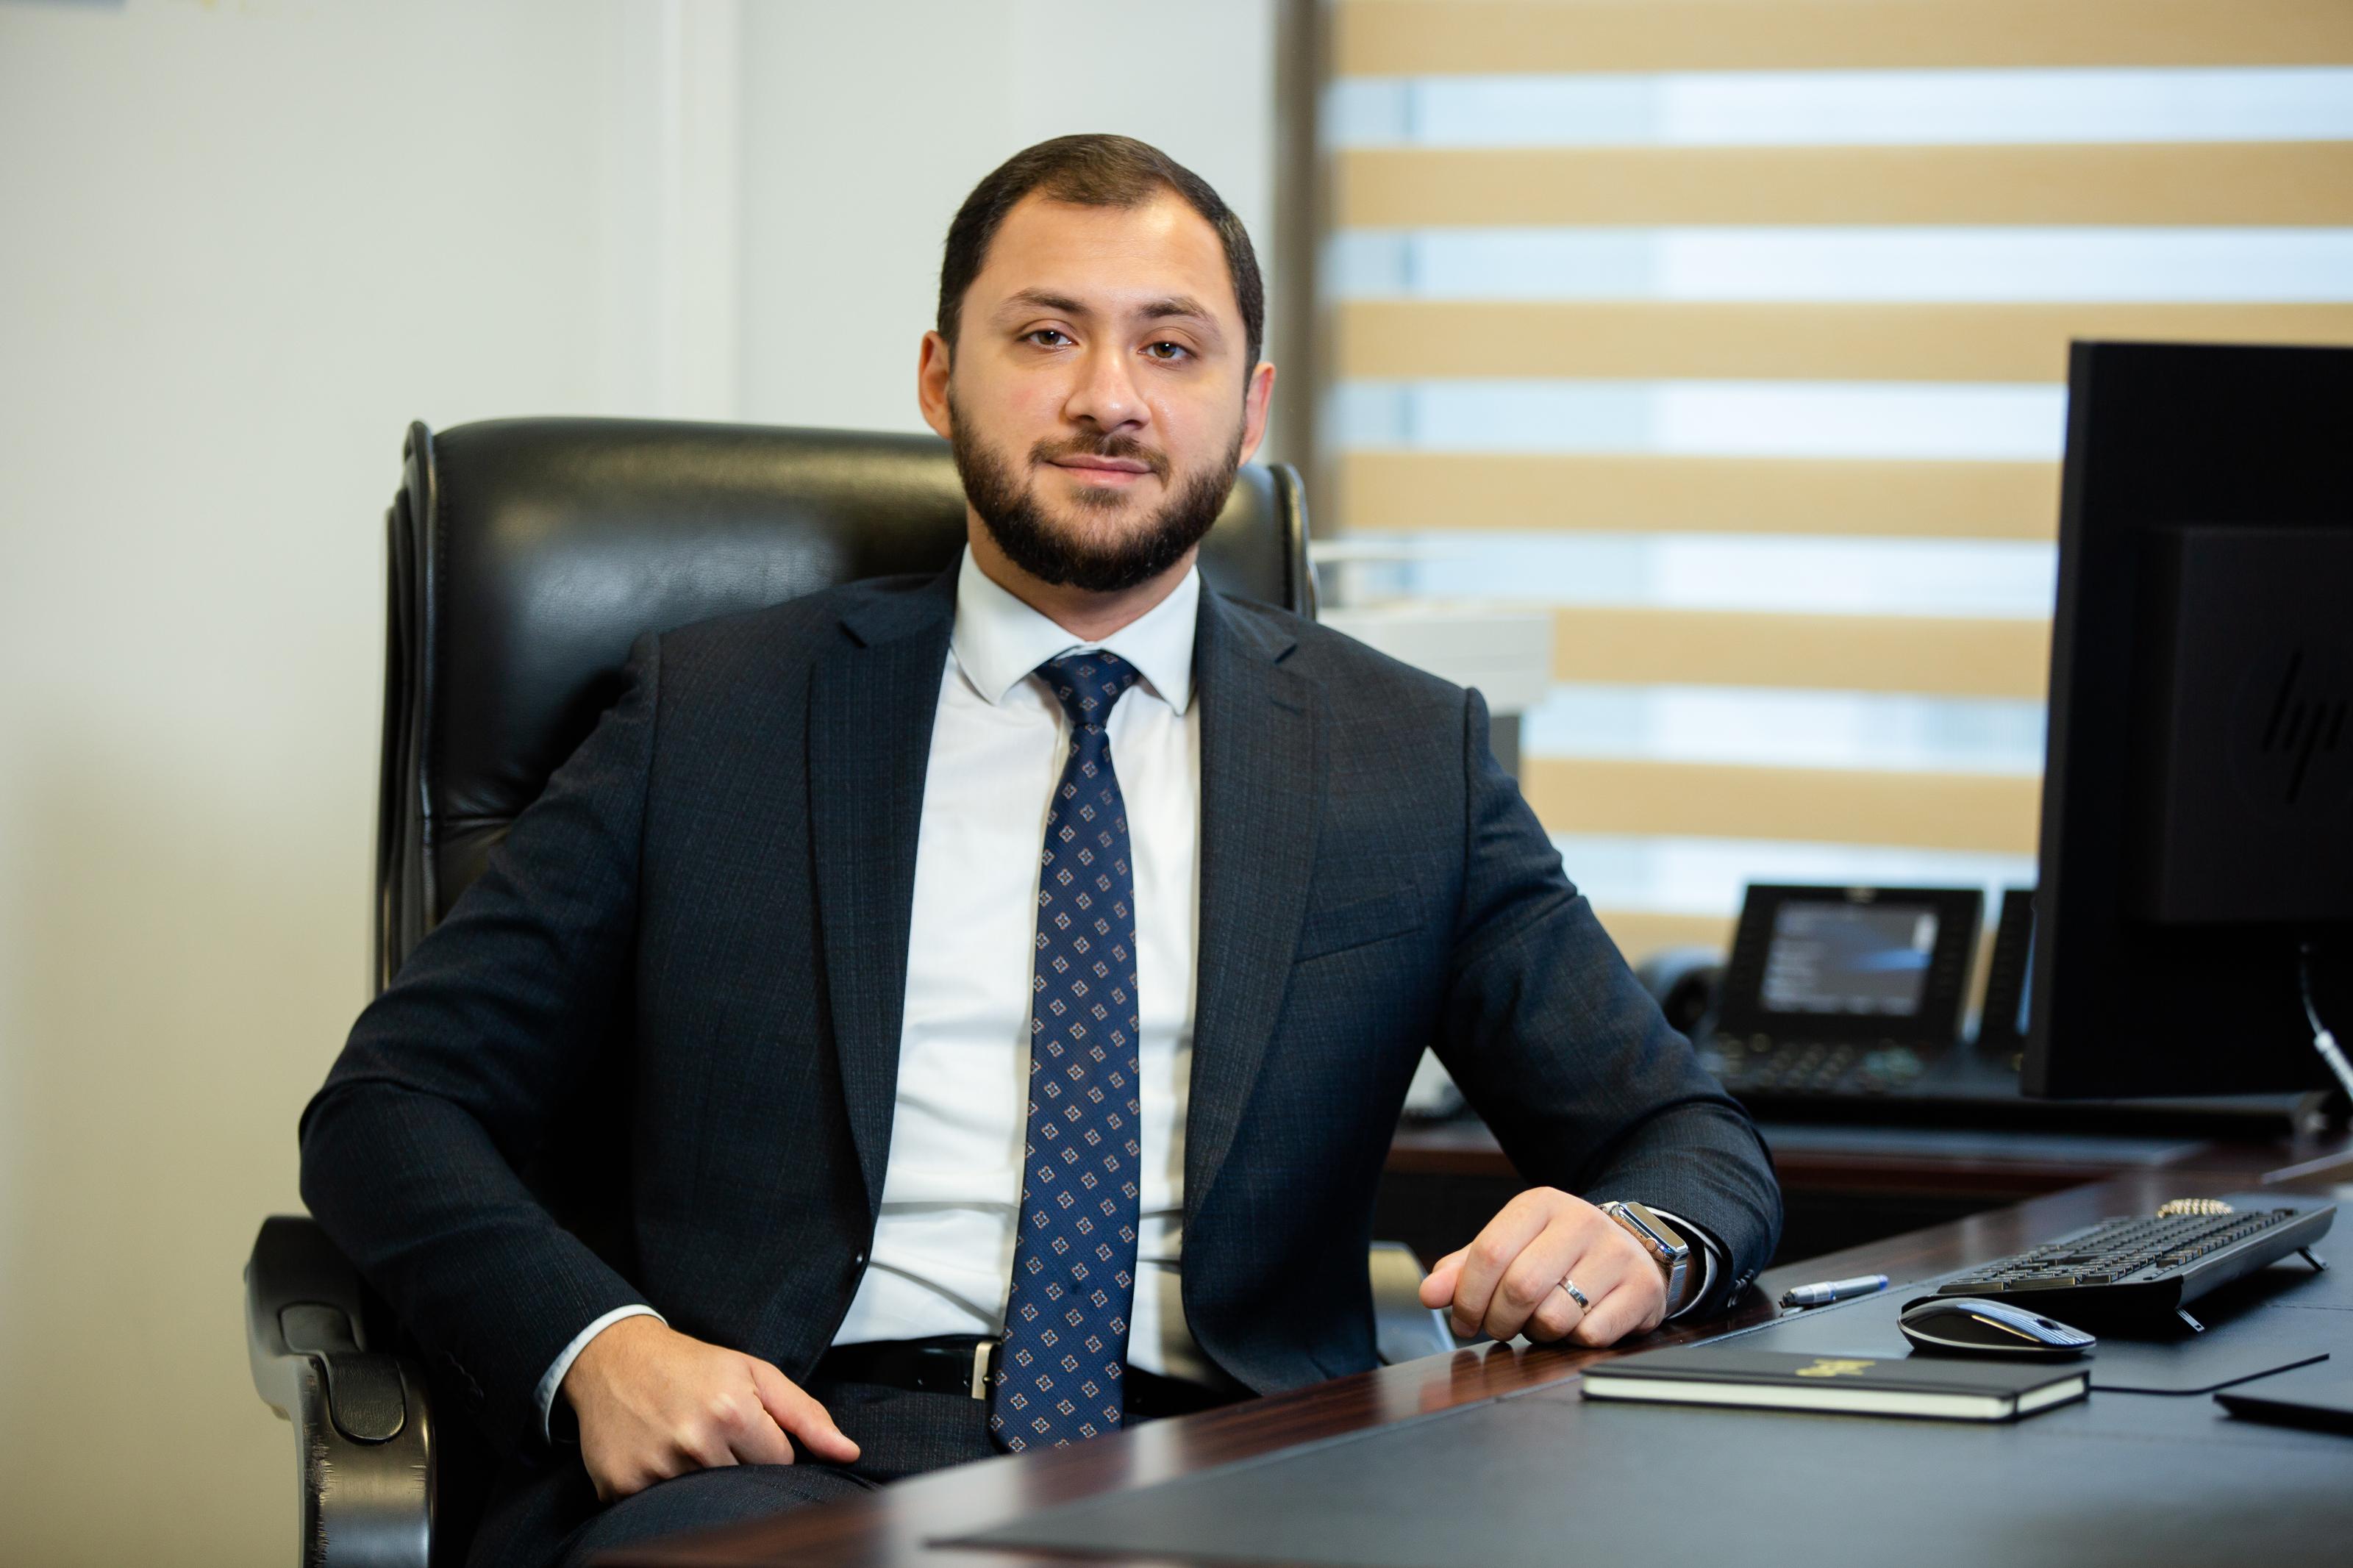 Yaşar Kərimov Yelo Bankın İdarə Heyəti sədrinin müavini təyin olundu